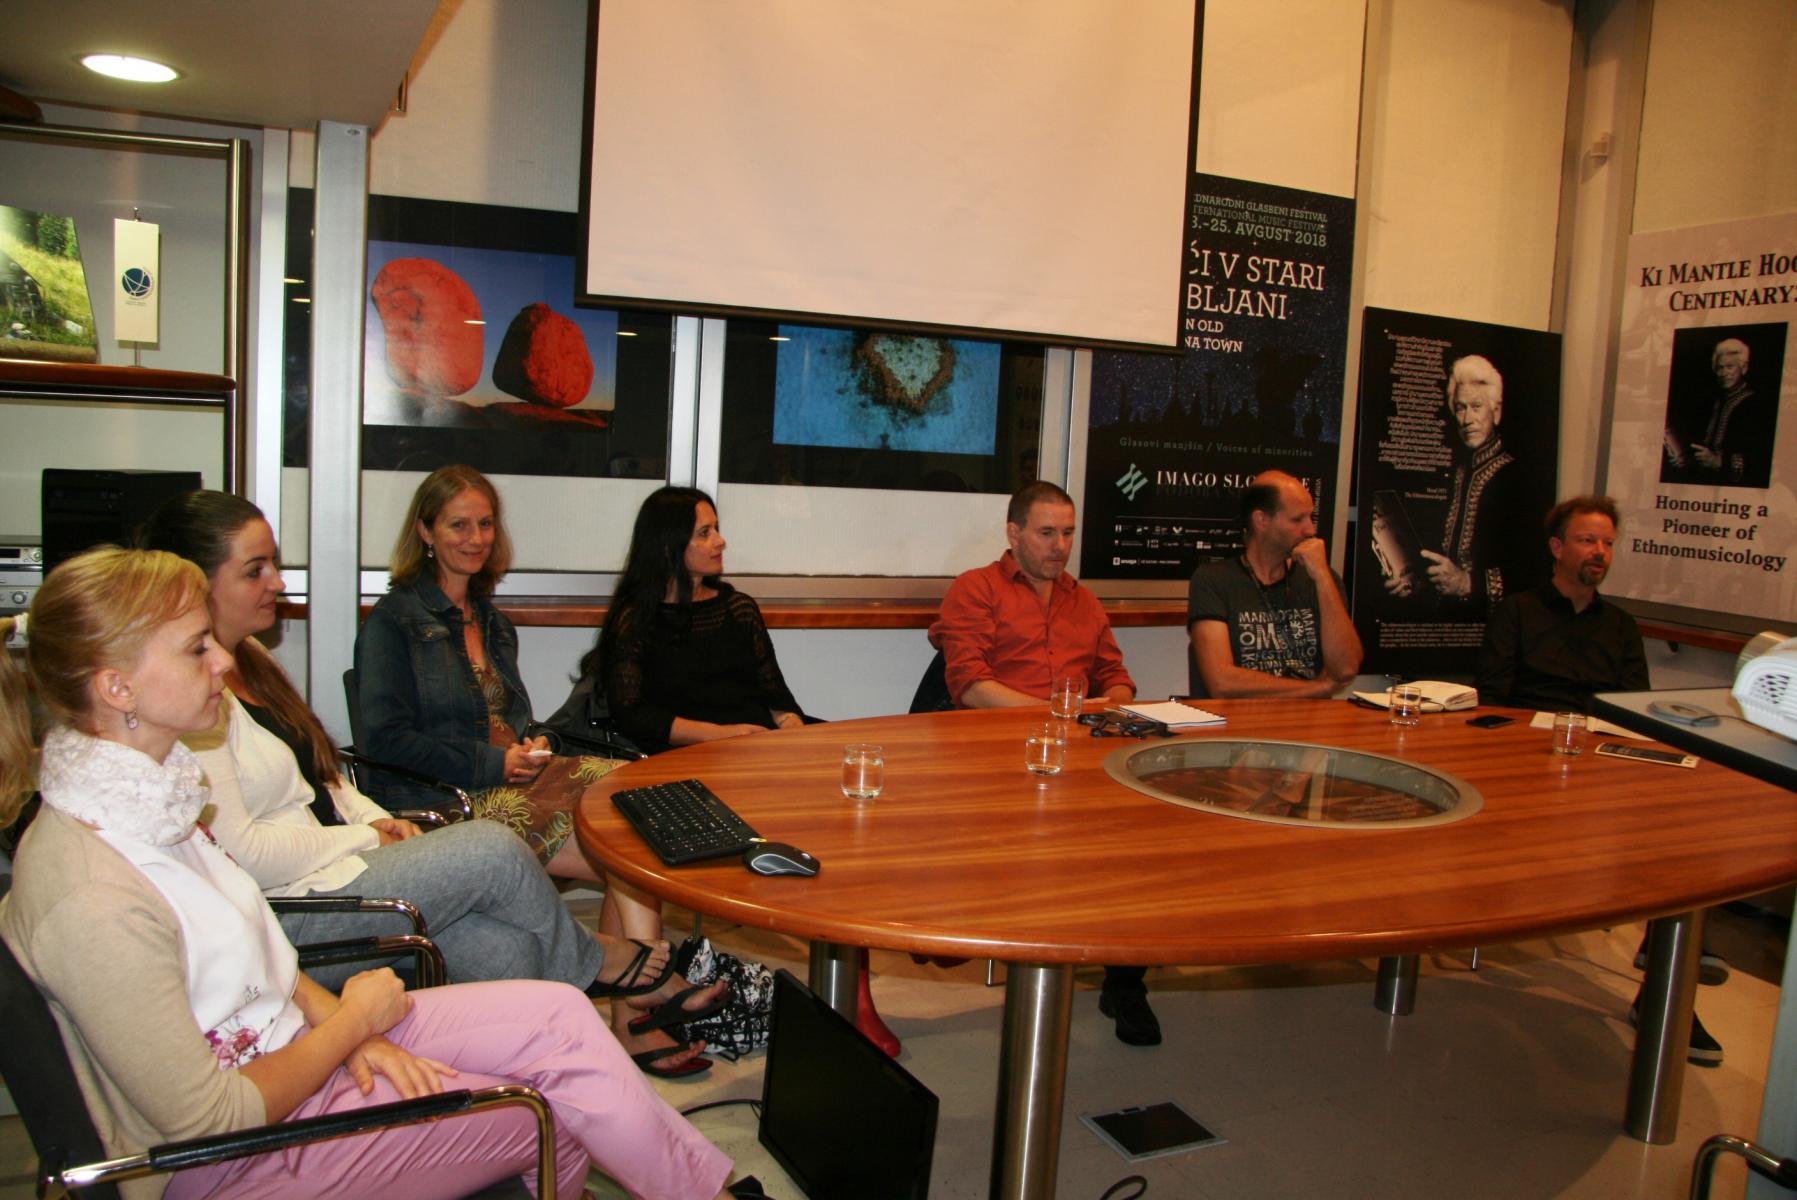 Udeleženci okrogle mize Glasbe manjšin v kontekstu festivalov, predsedujoči Rok Košir. Foto: Urša Šivic.